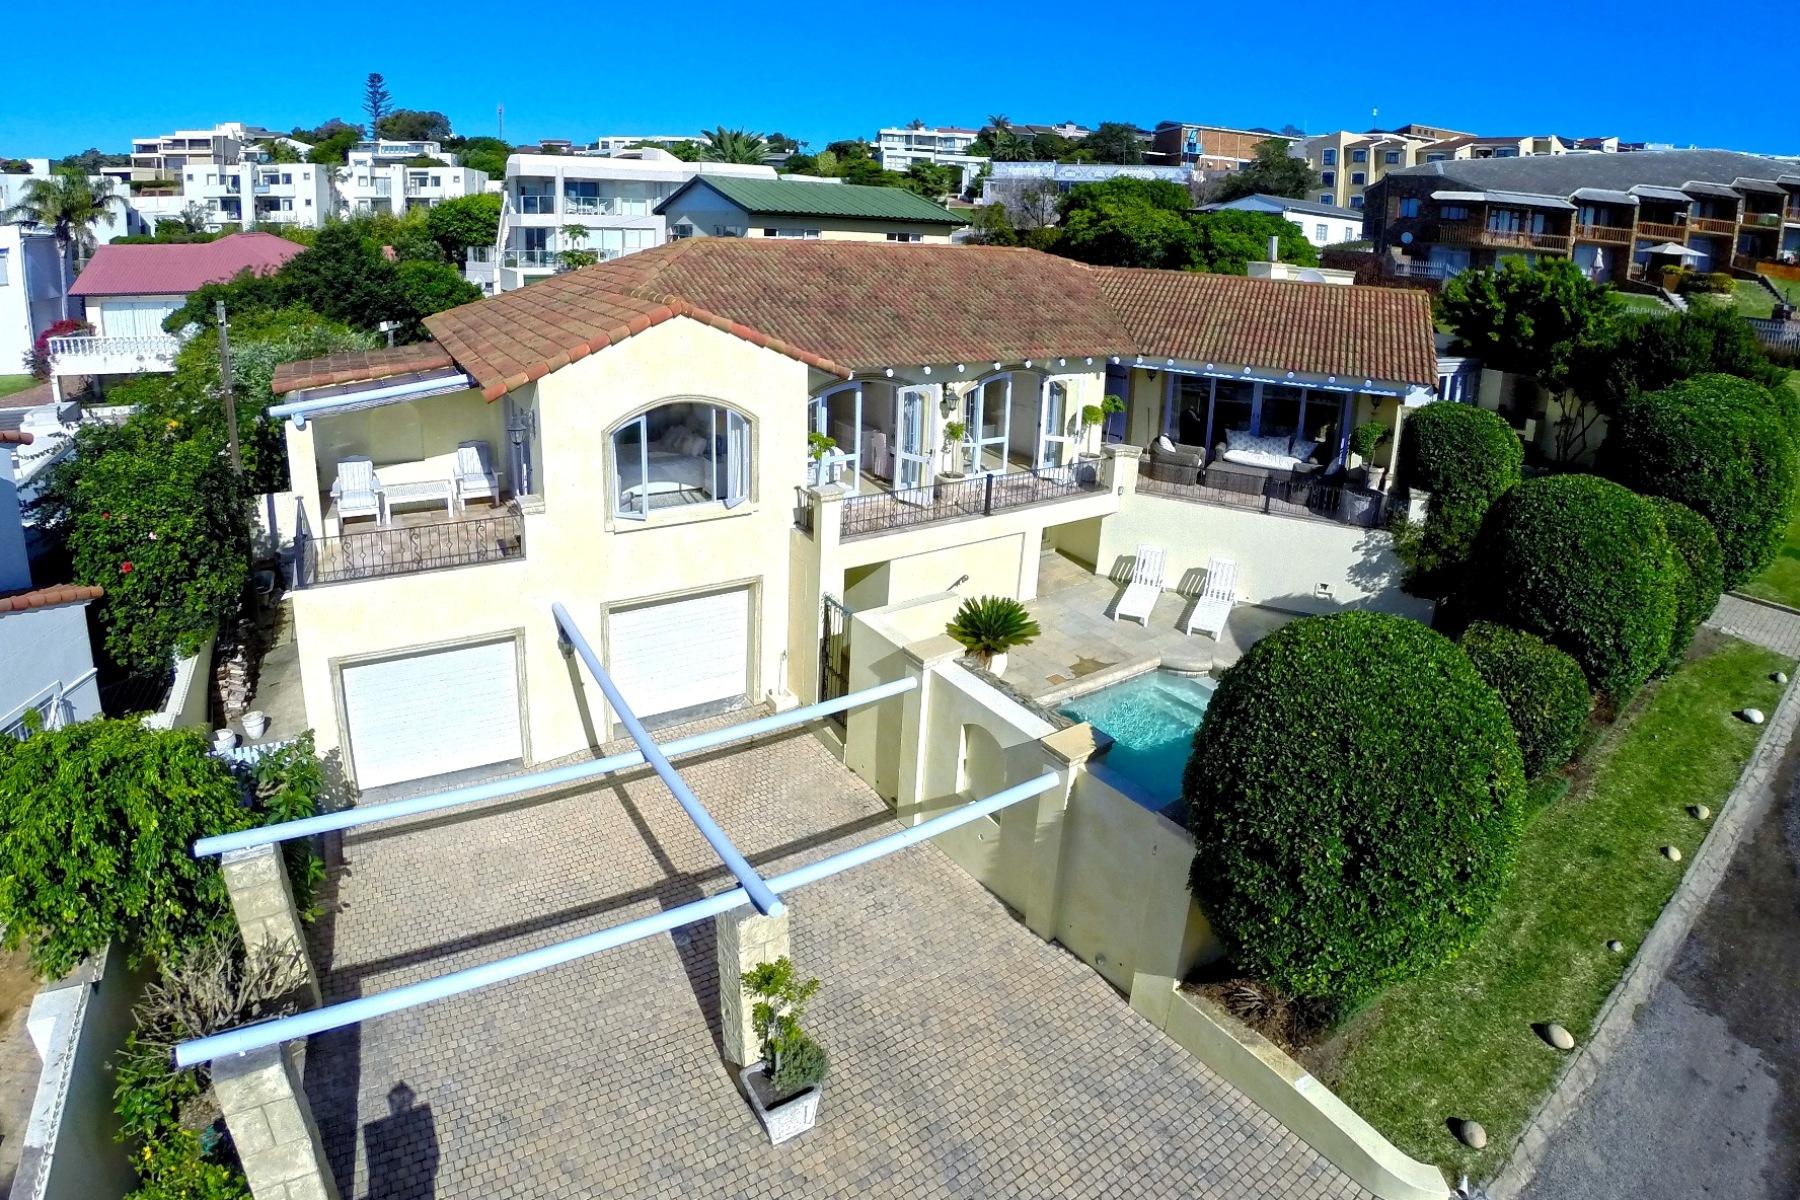 一戸建て のために 売買 アット Stunning Old Plett Home Plettenberg Bay, 西ケープ, 6600 南アフリカ